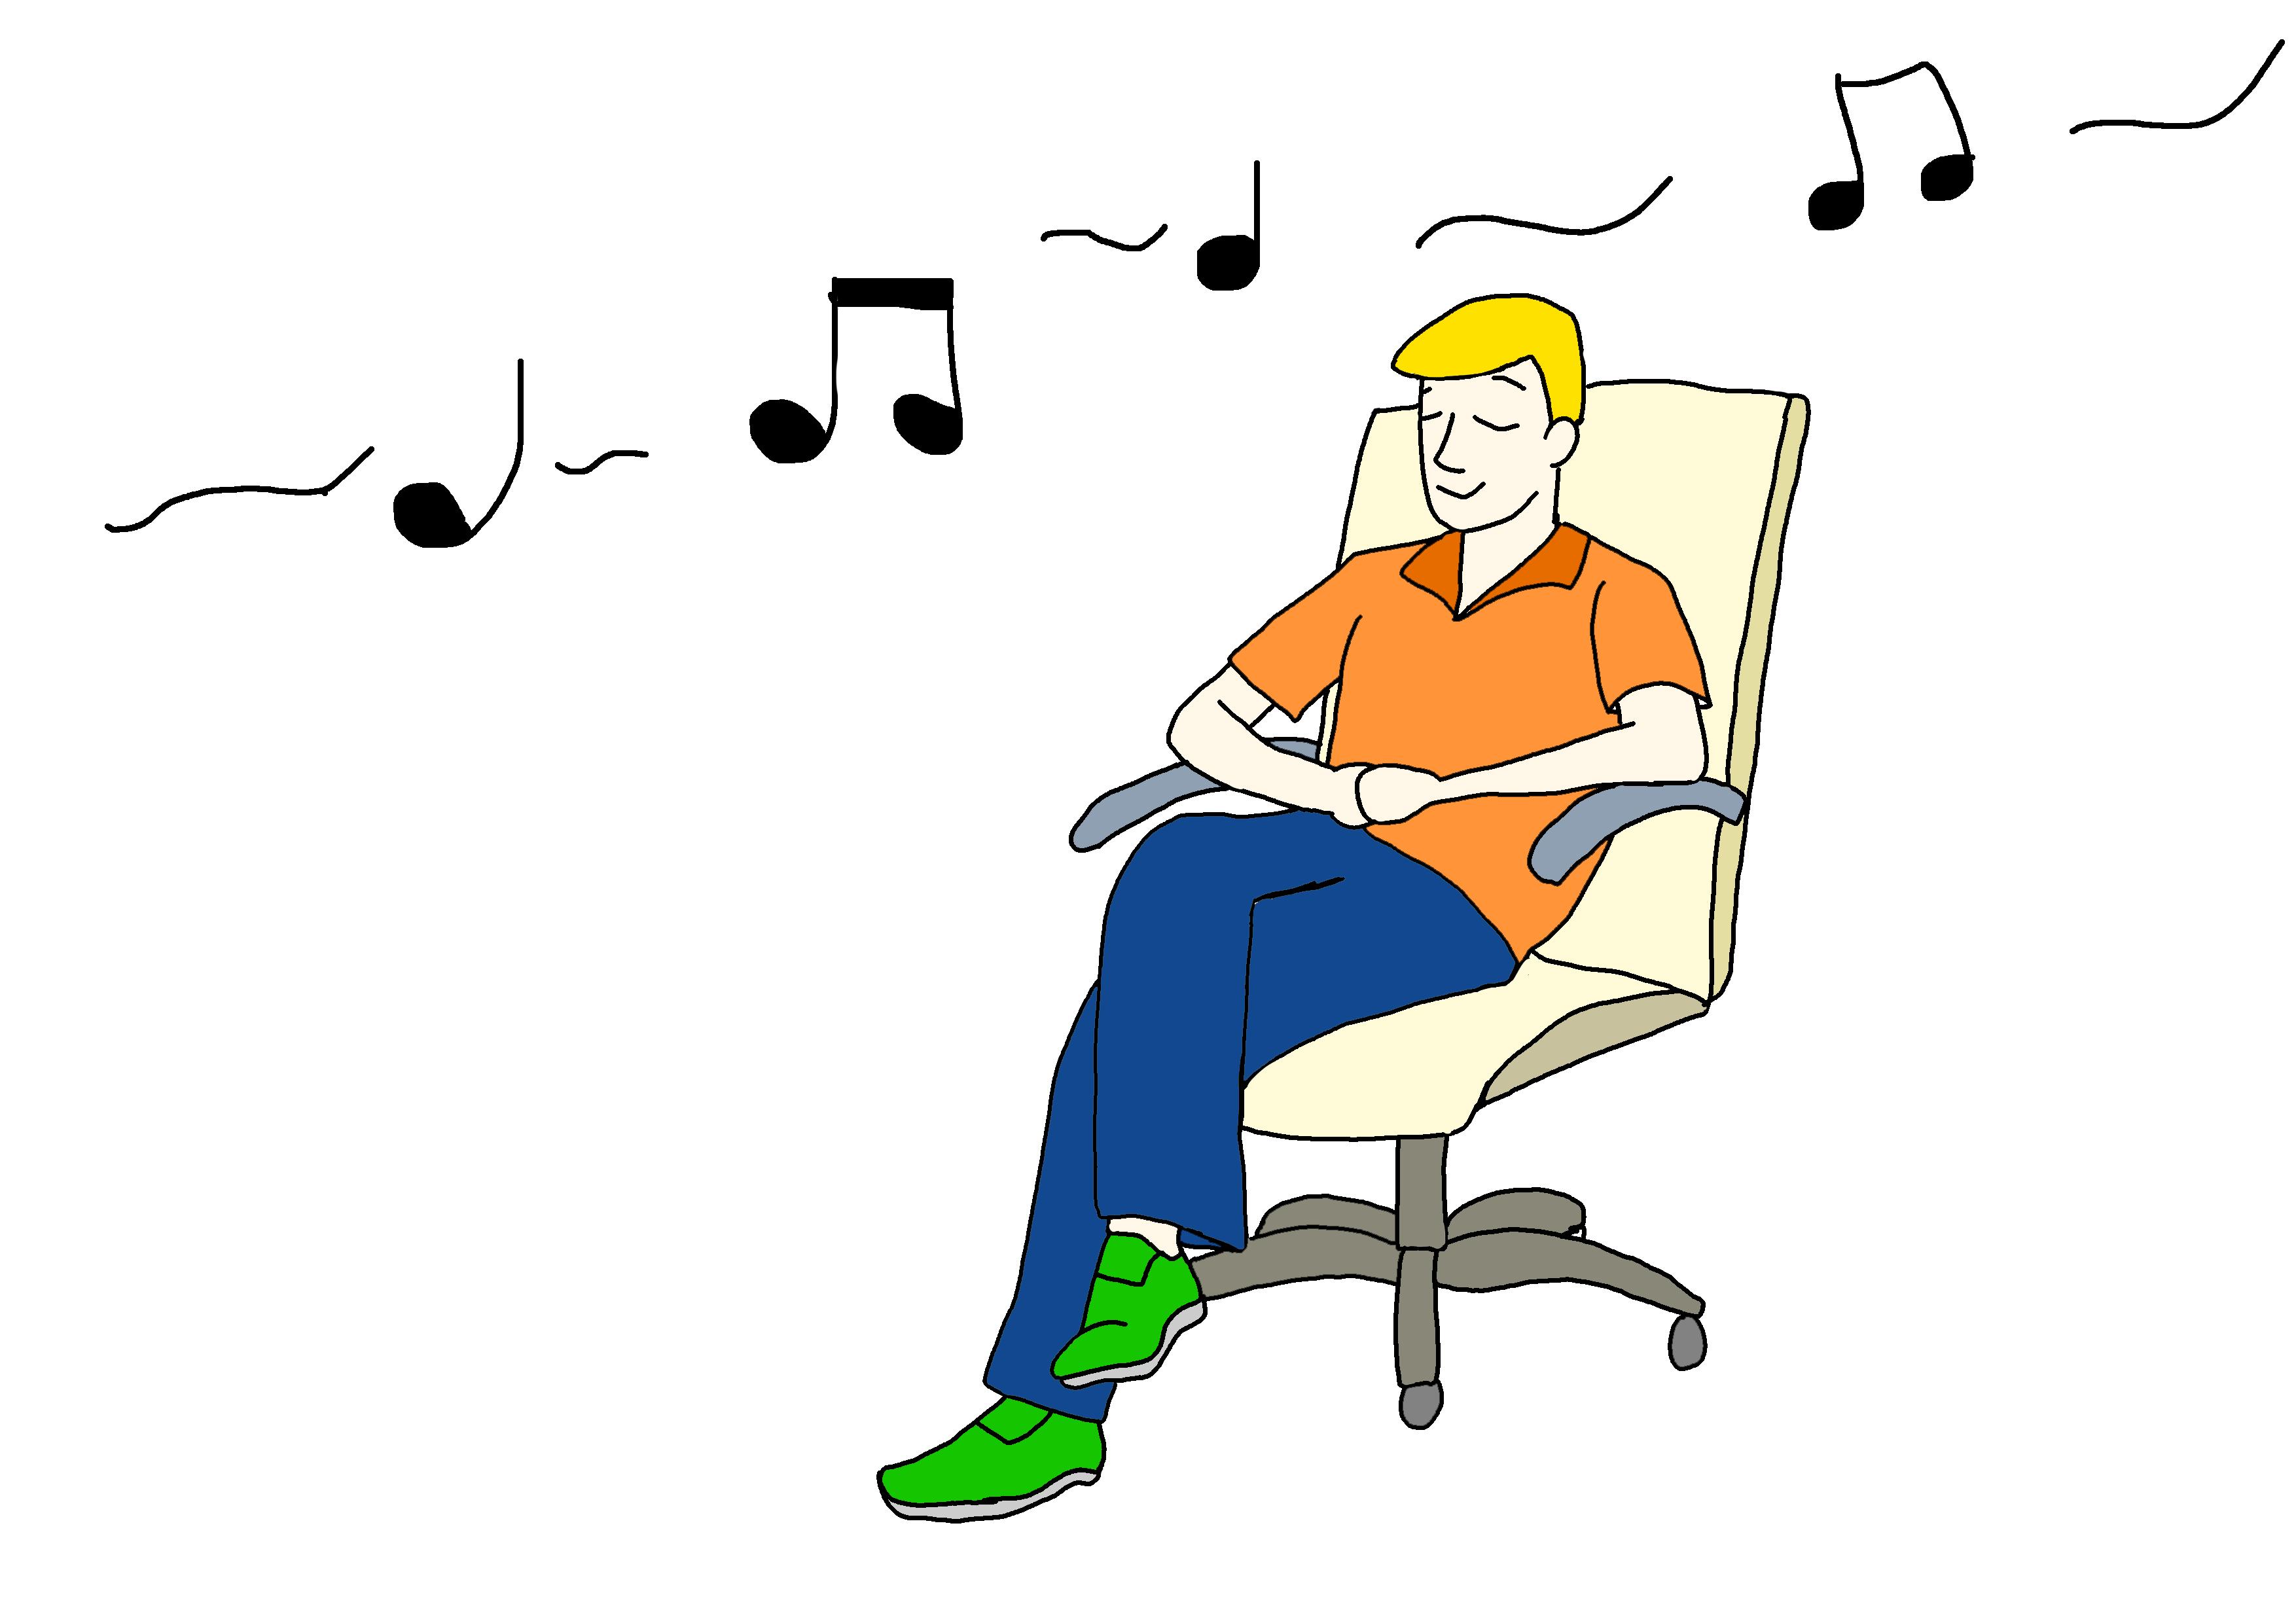 27課イラスト【聞こえる】